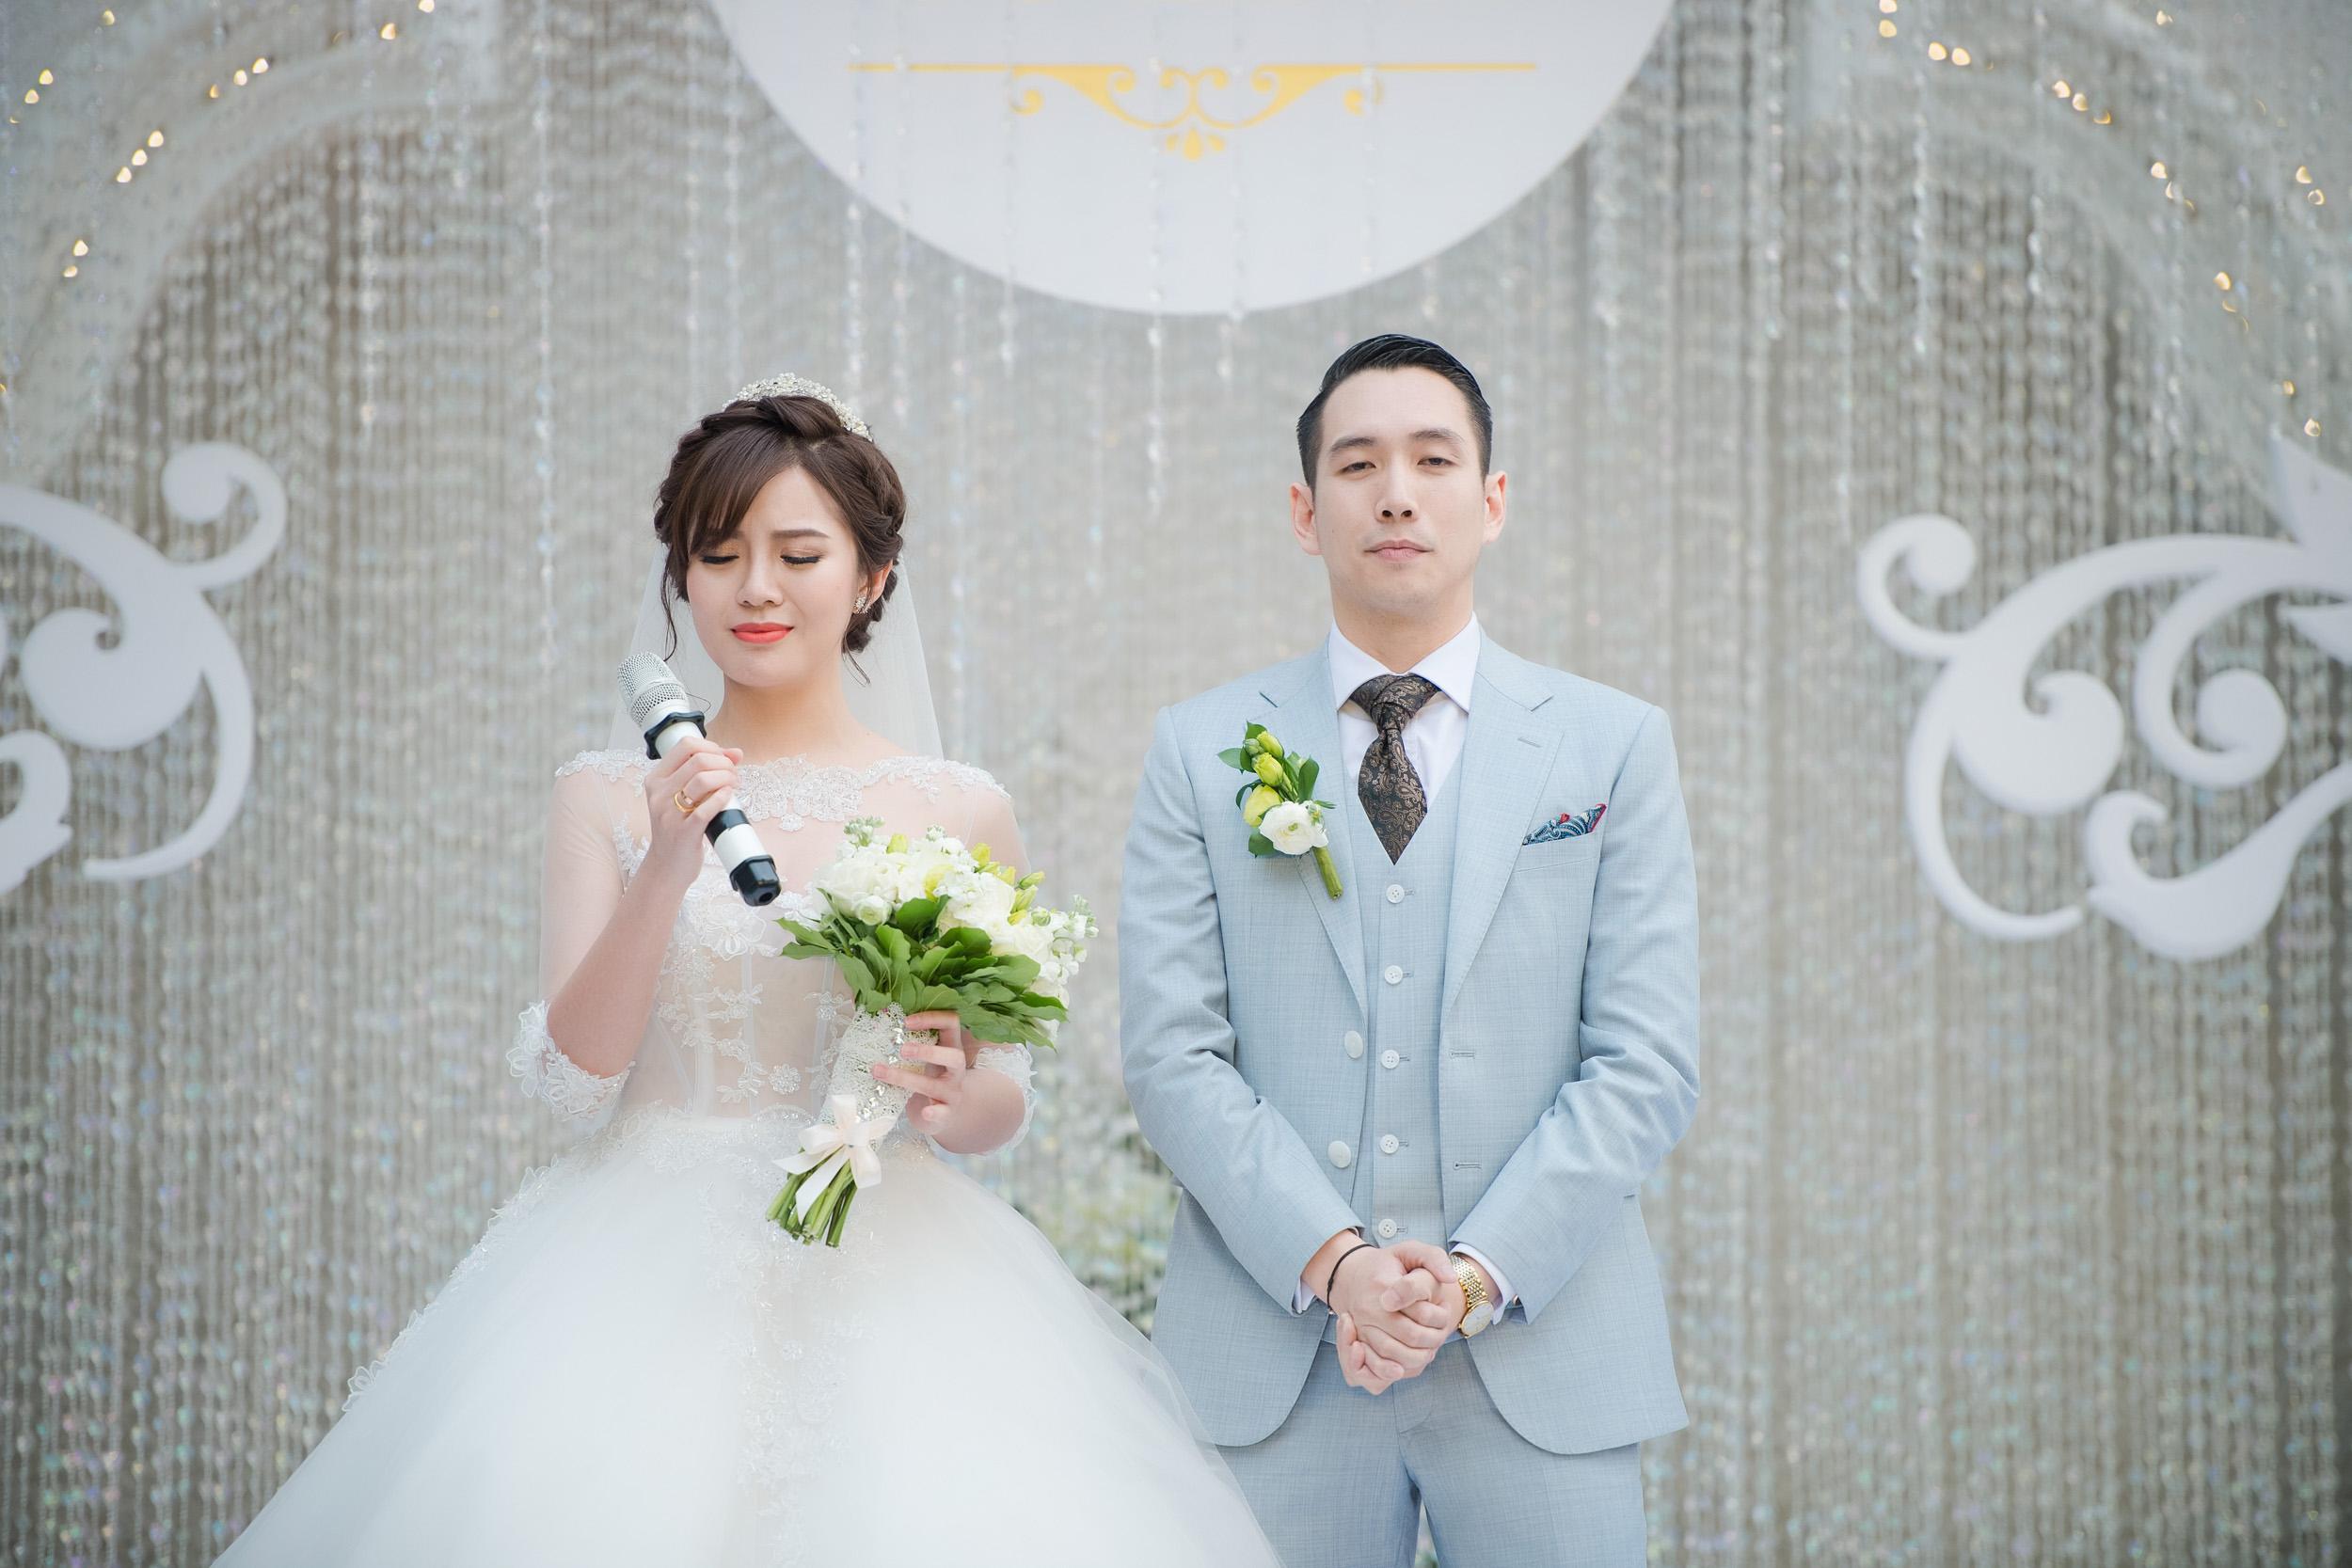 Tú Linh bật khóc cảm ơn bố mẹ chồng trong đám cưới - Ảnh 6.